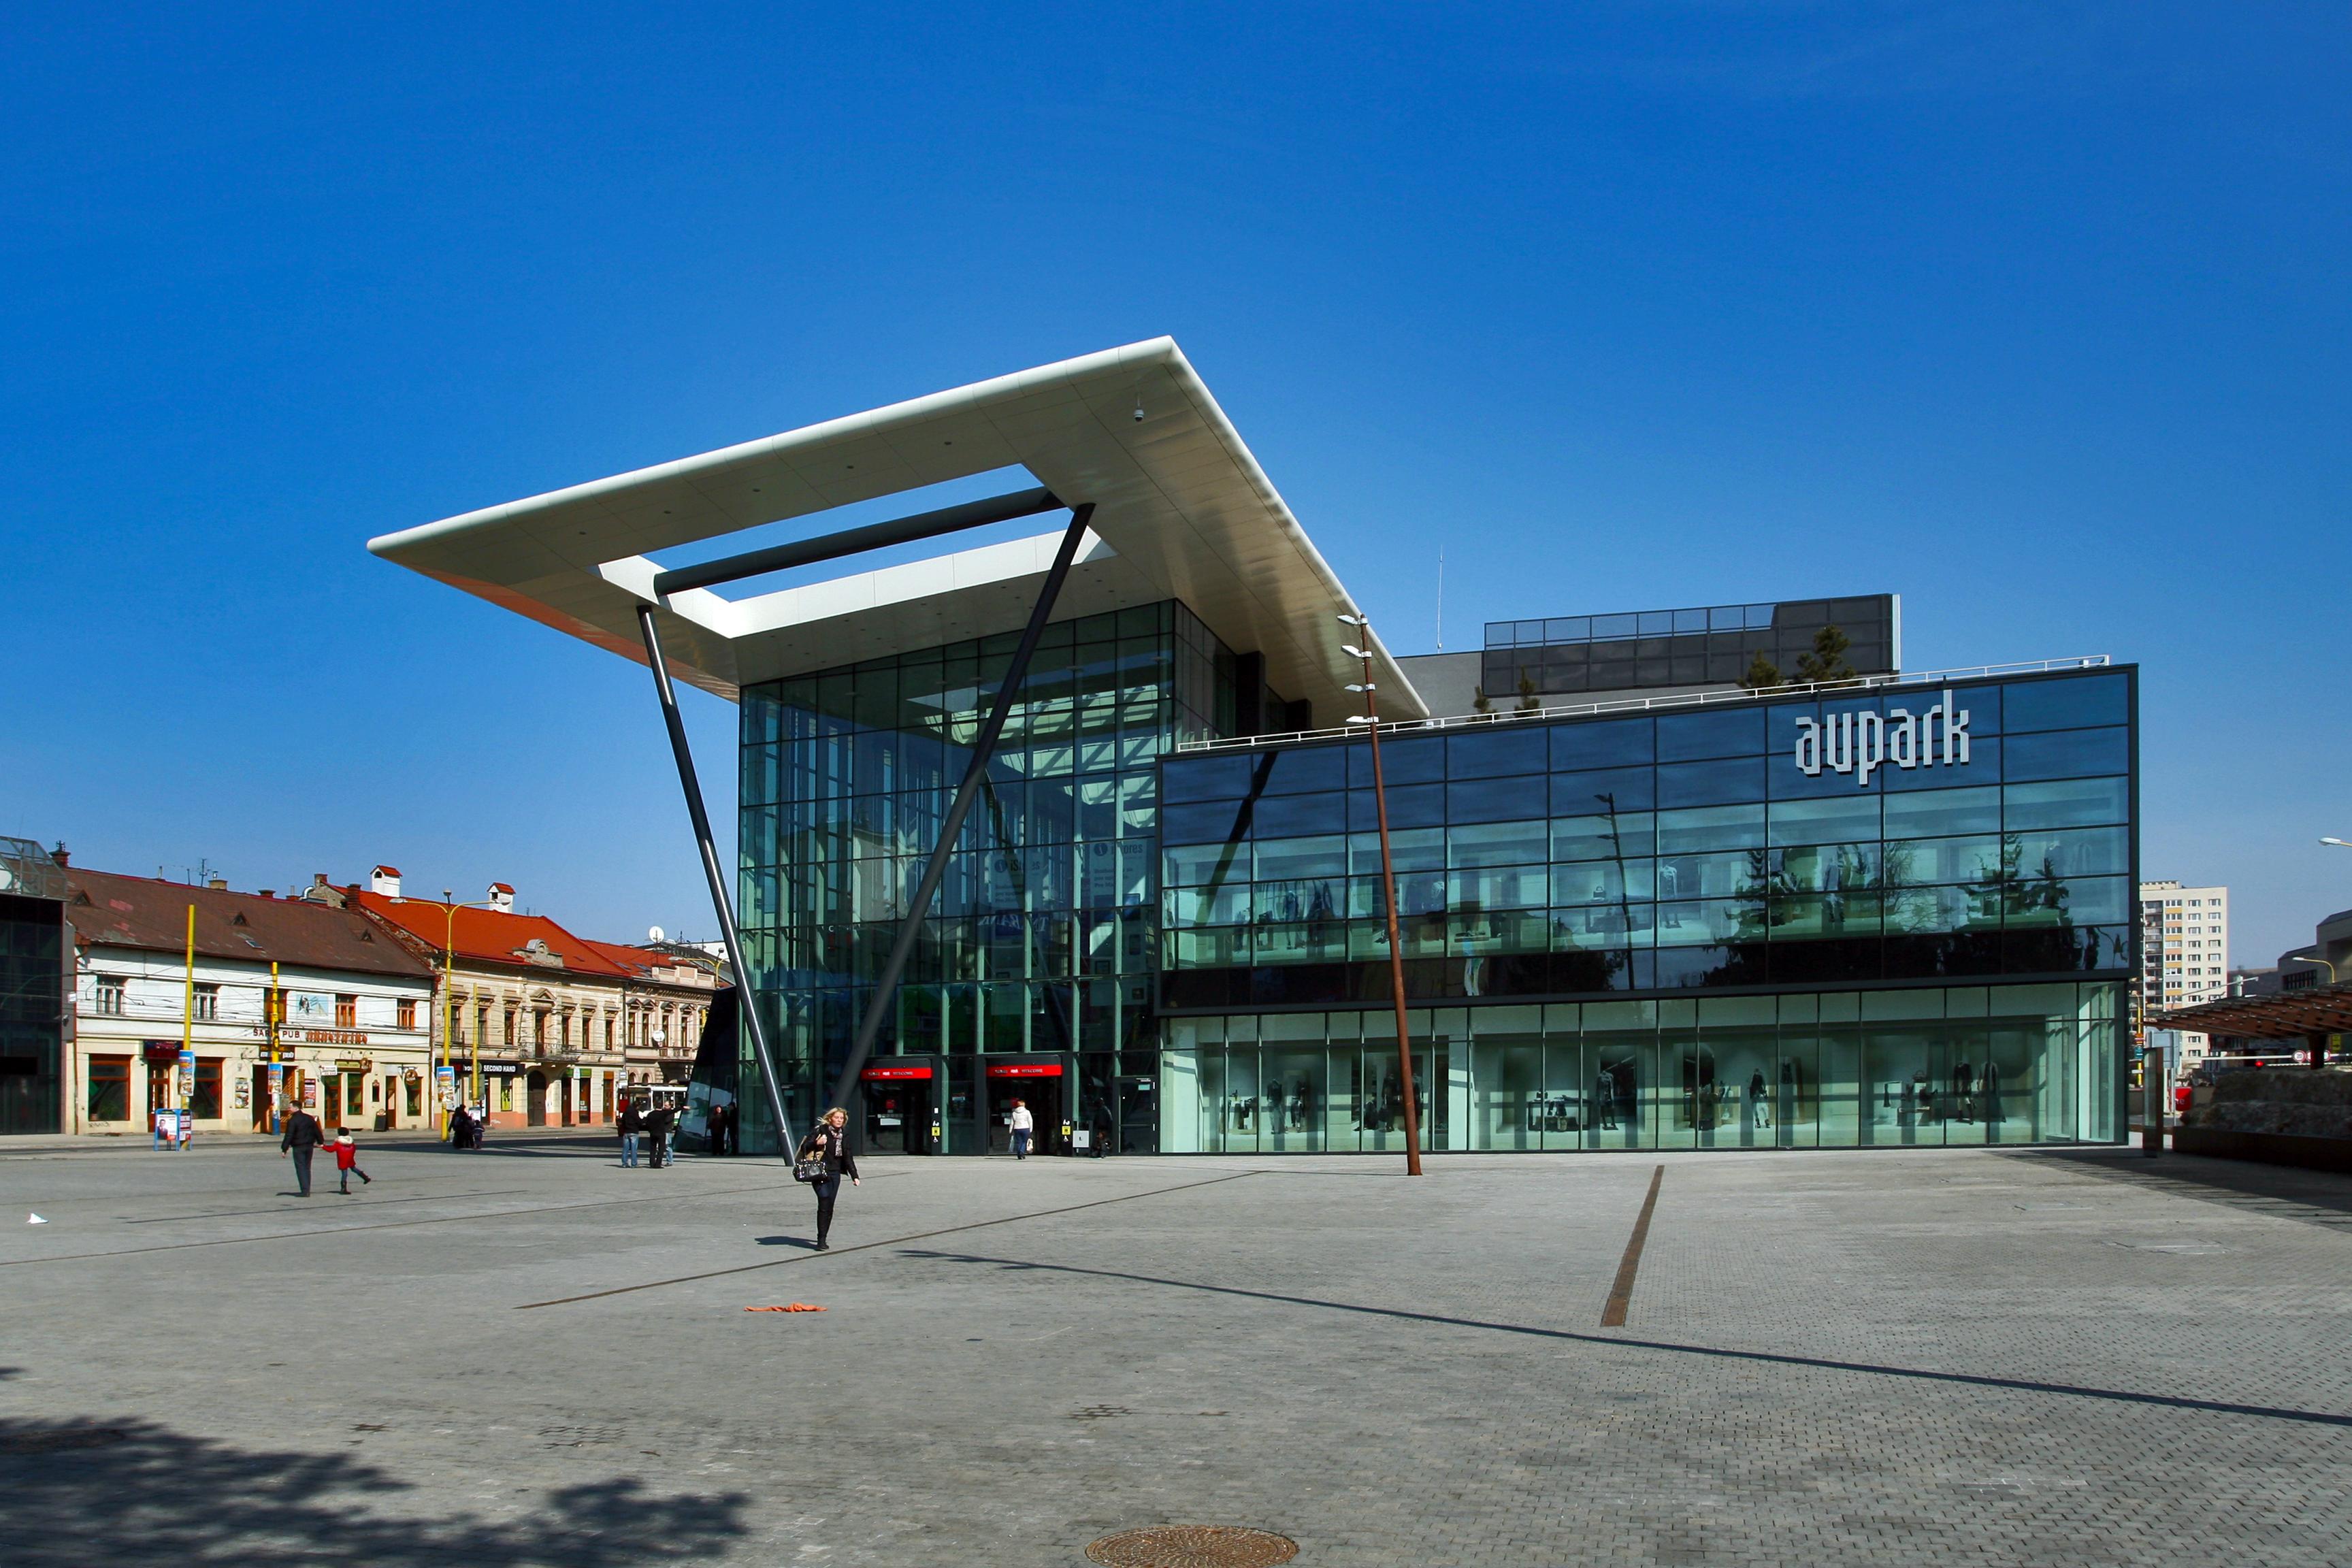 Súbor Aupark Košice 2012.JPG – Wikipédia fb251852d0a